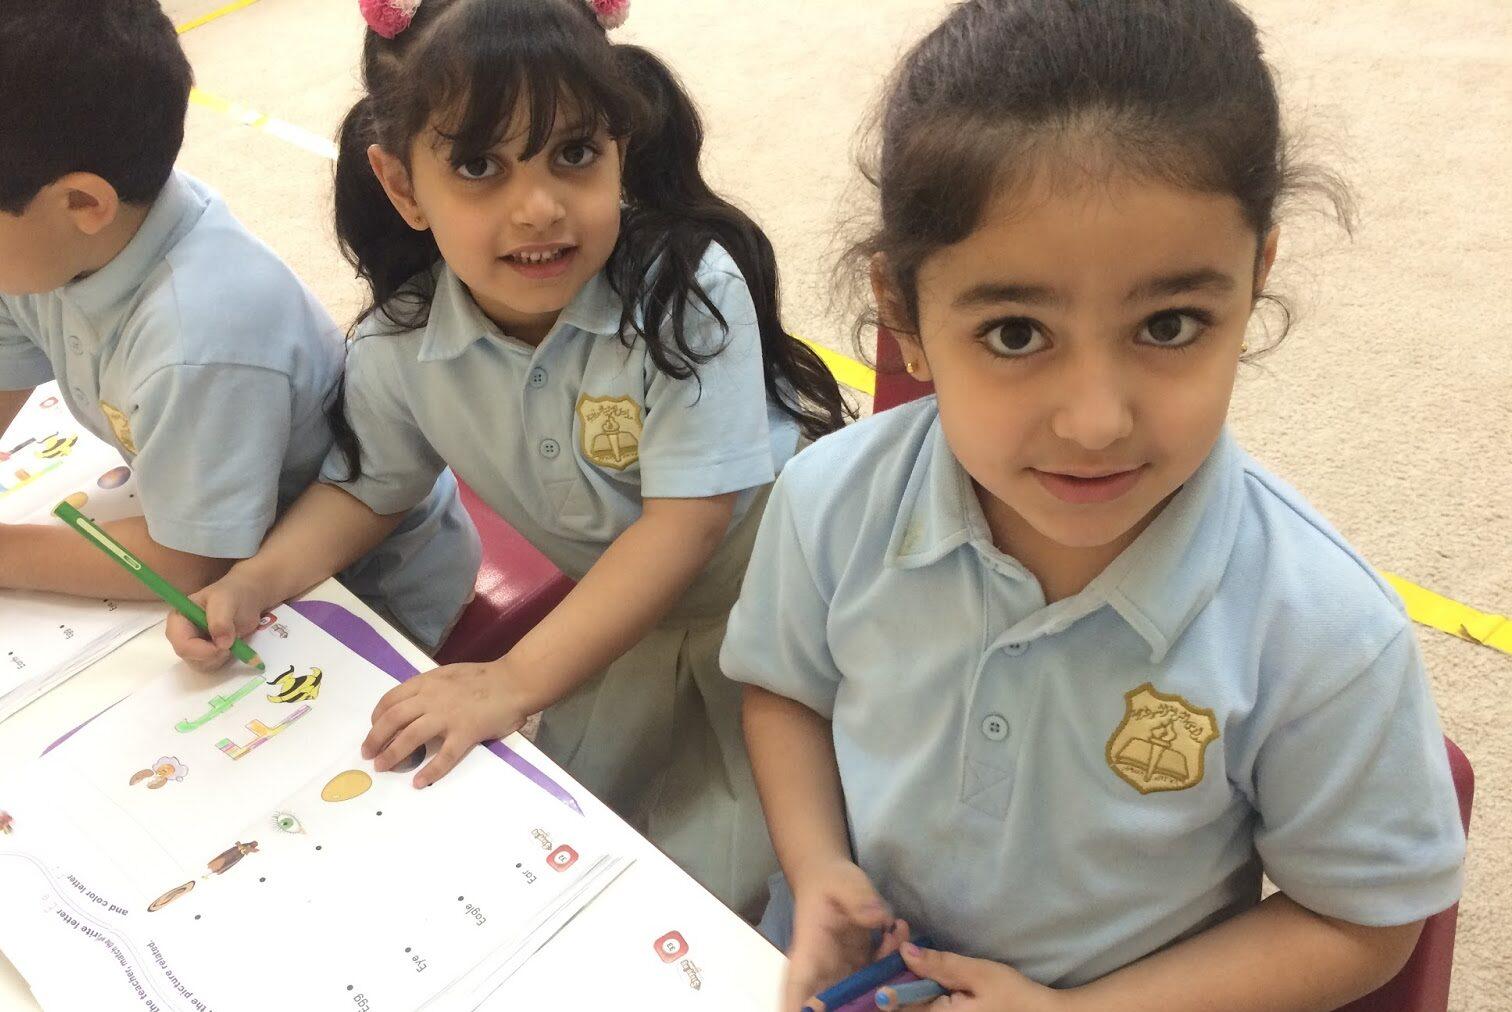 مواقع وزارة التربية والتعليم نتيجة تنسيق رياض الاطفال 2022 بالرقم القومي